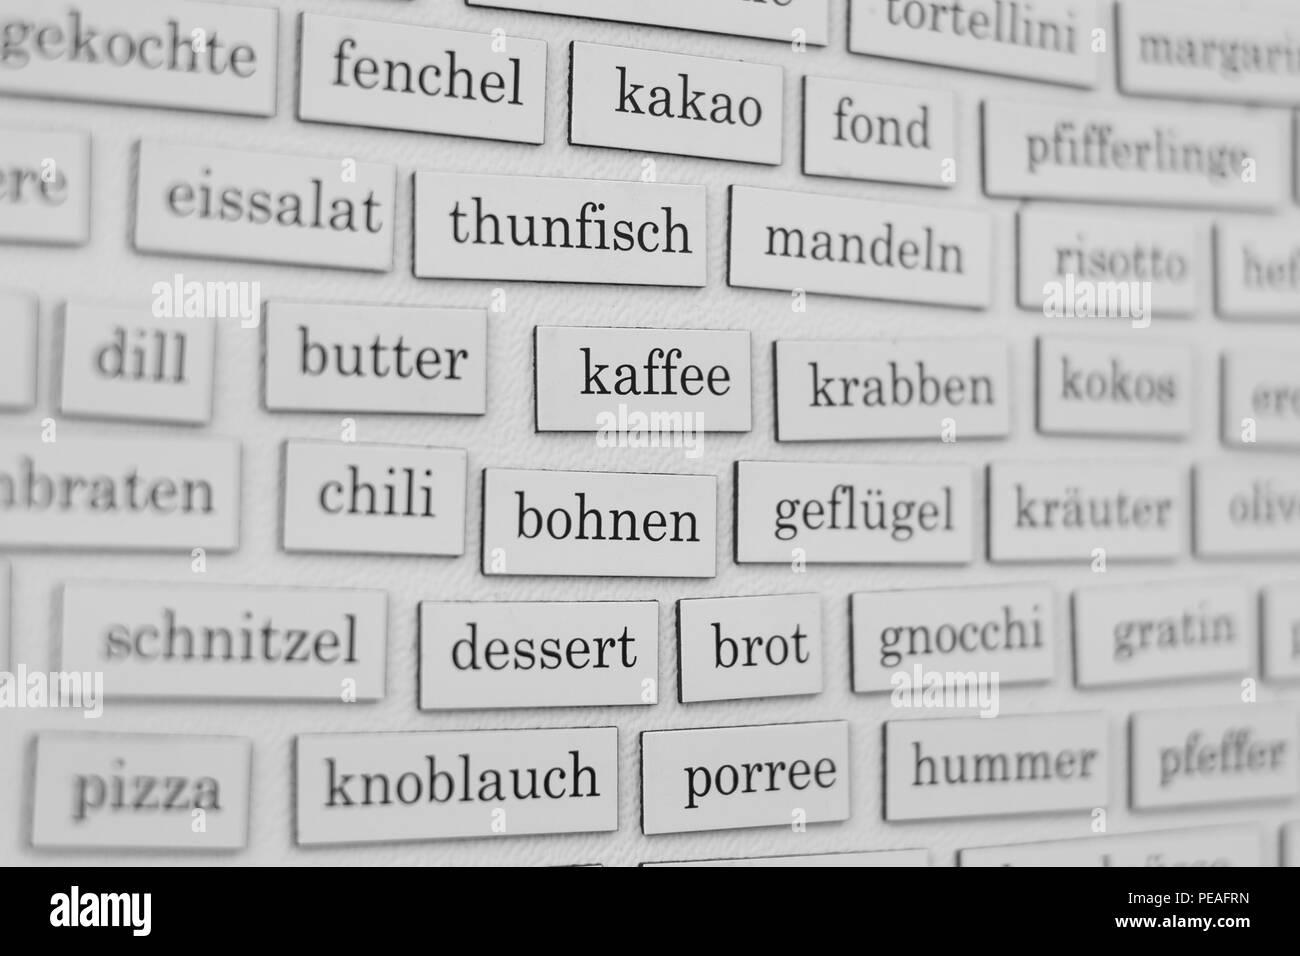 essen und kochen konzept - wörter an kühlschrank - Stock Image